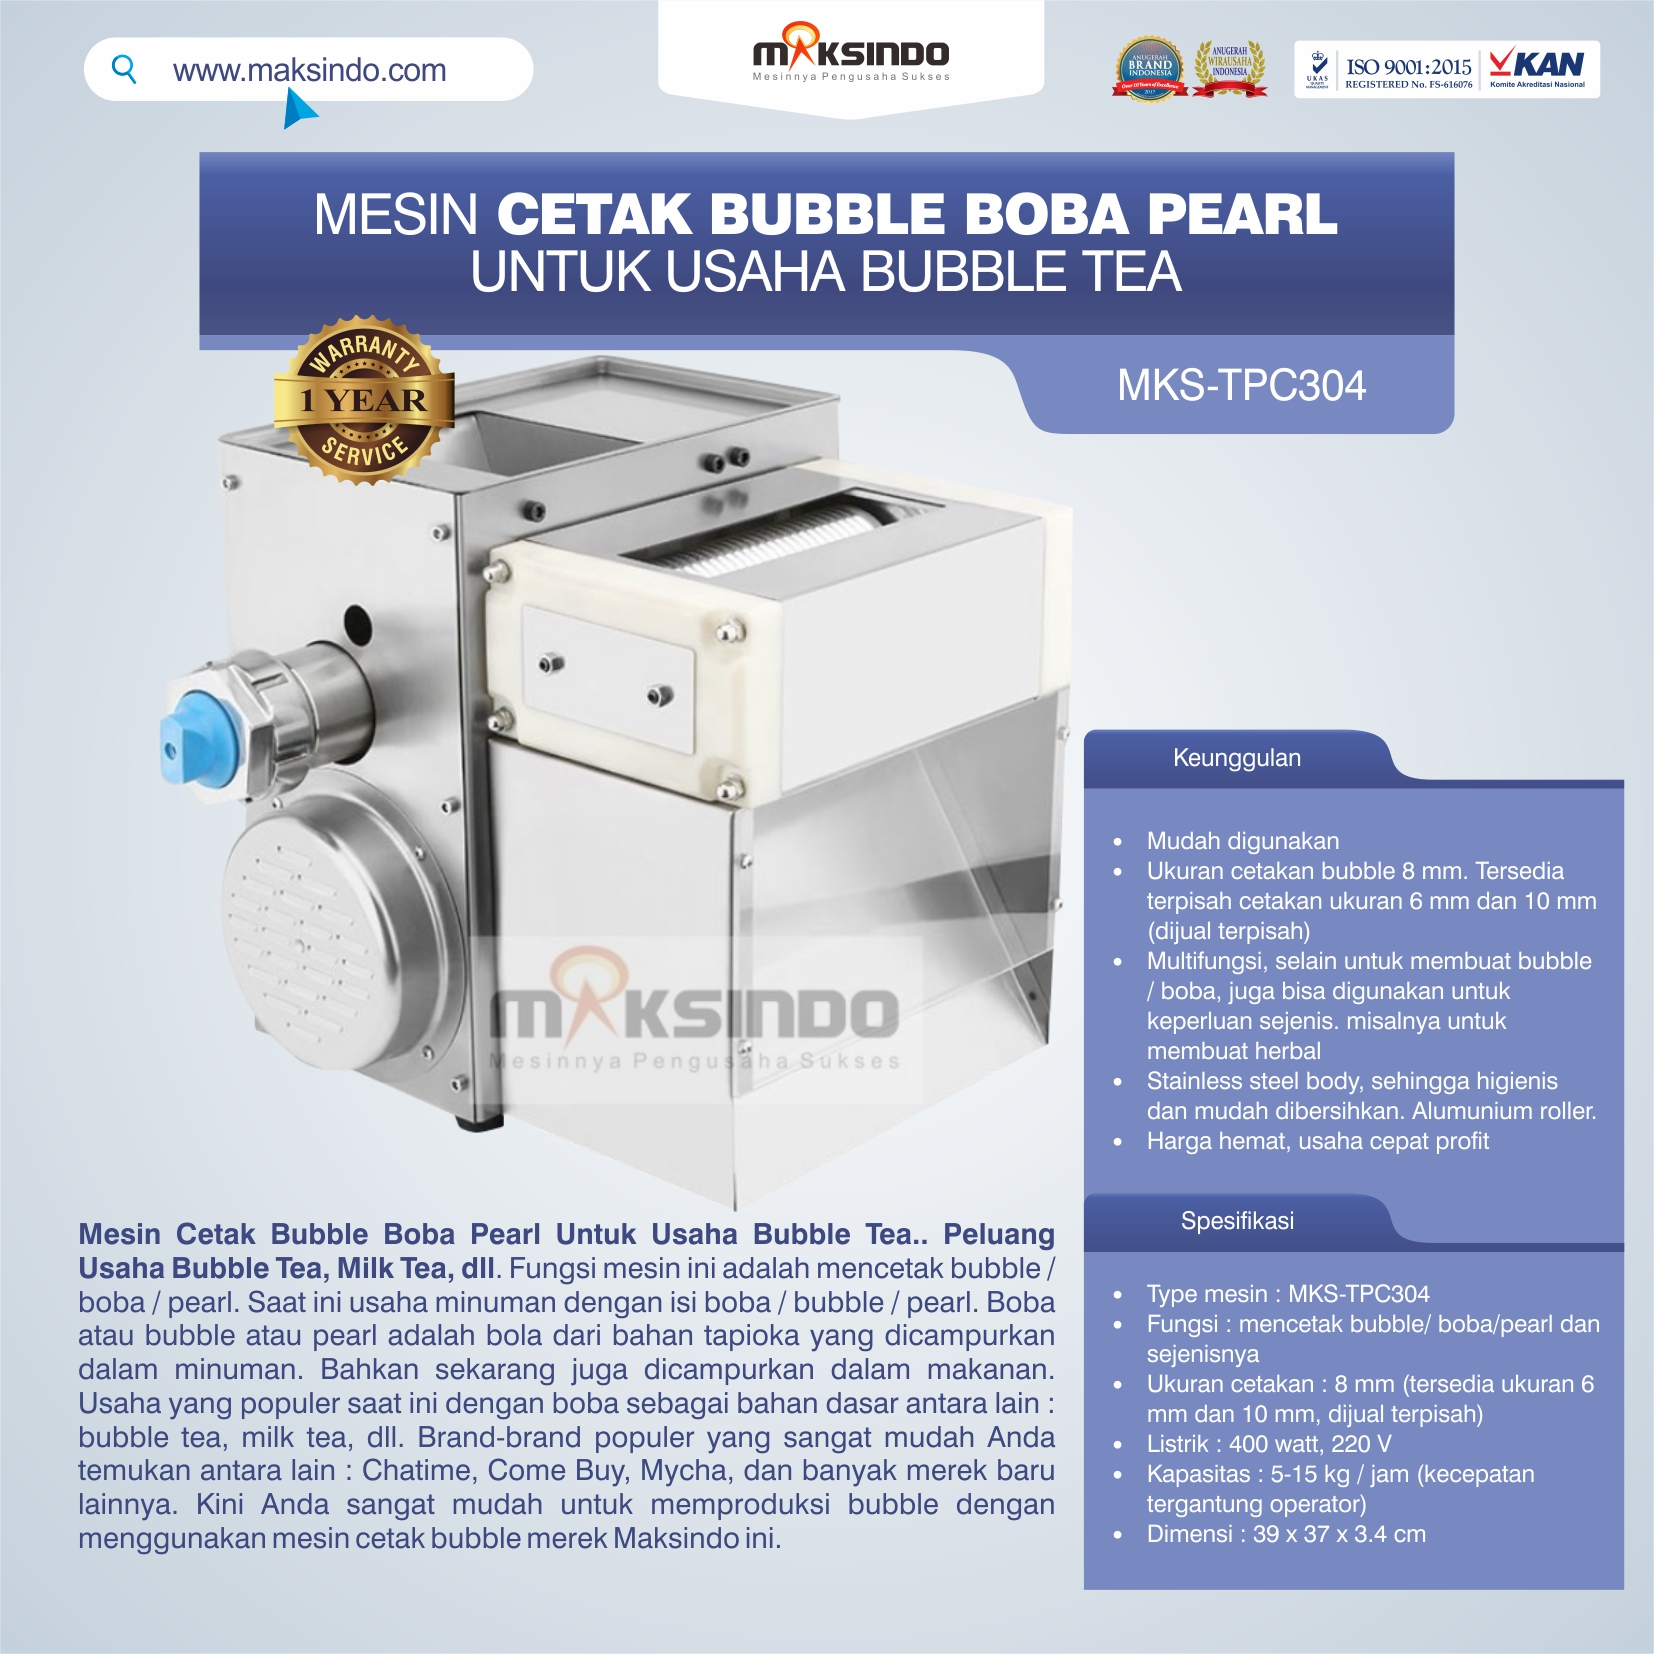 Jual Mesin Cetak Bubble Boba Pearl Untuk Usaha Bubble Tea di Bekasi